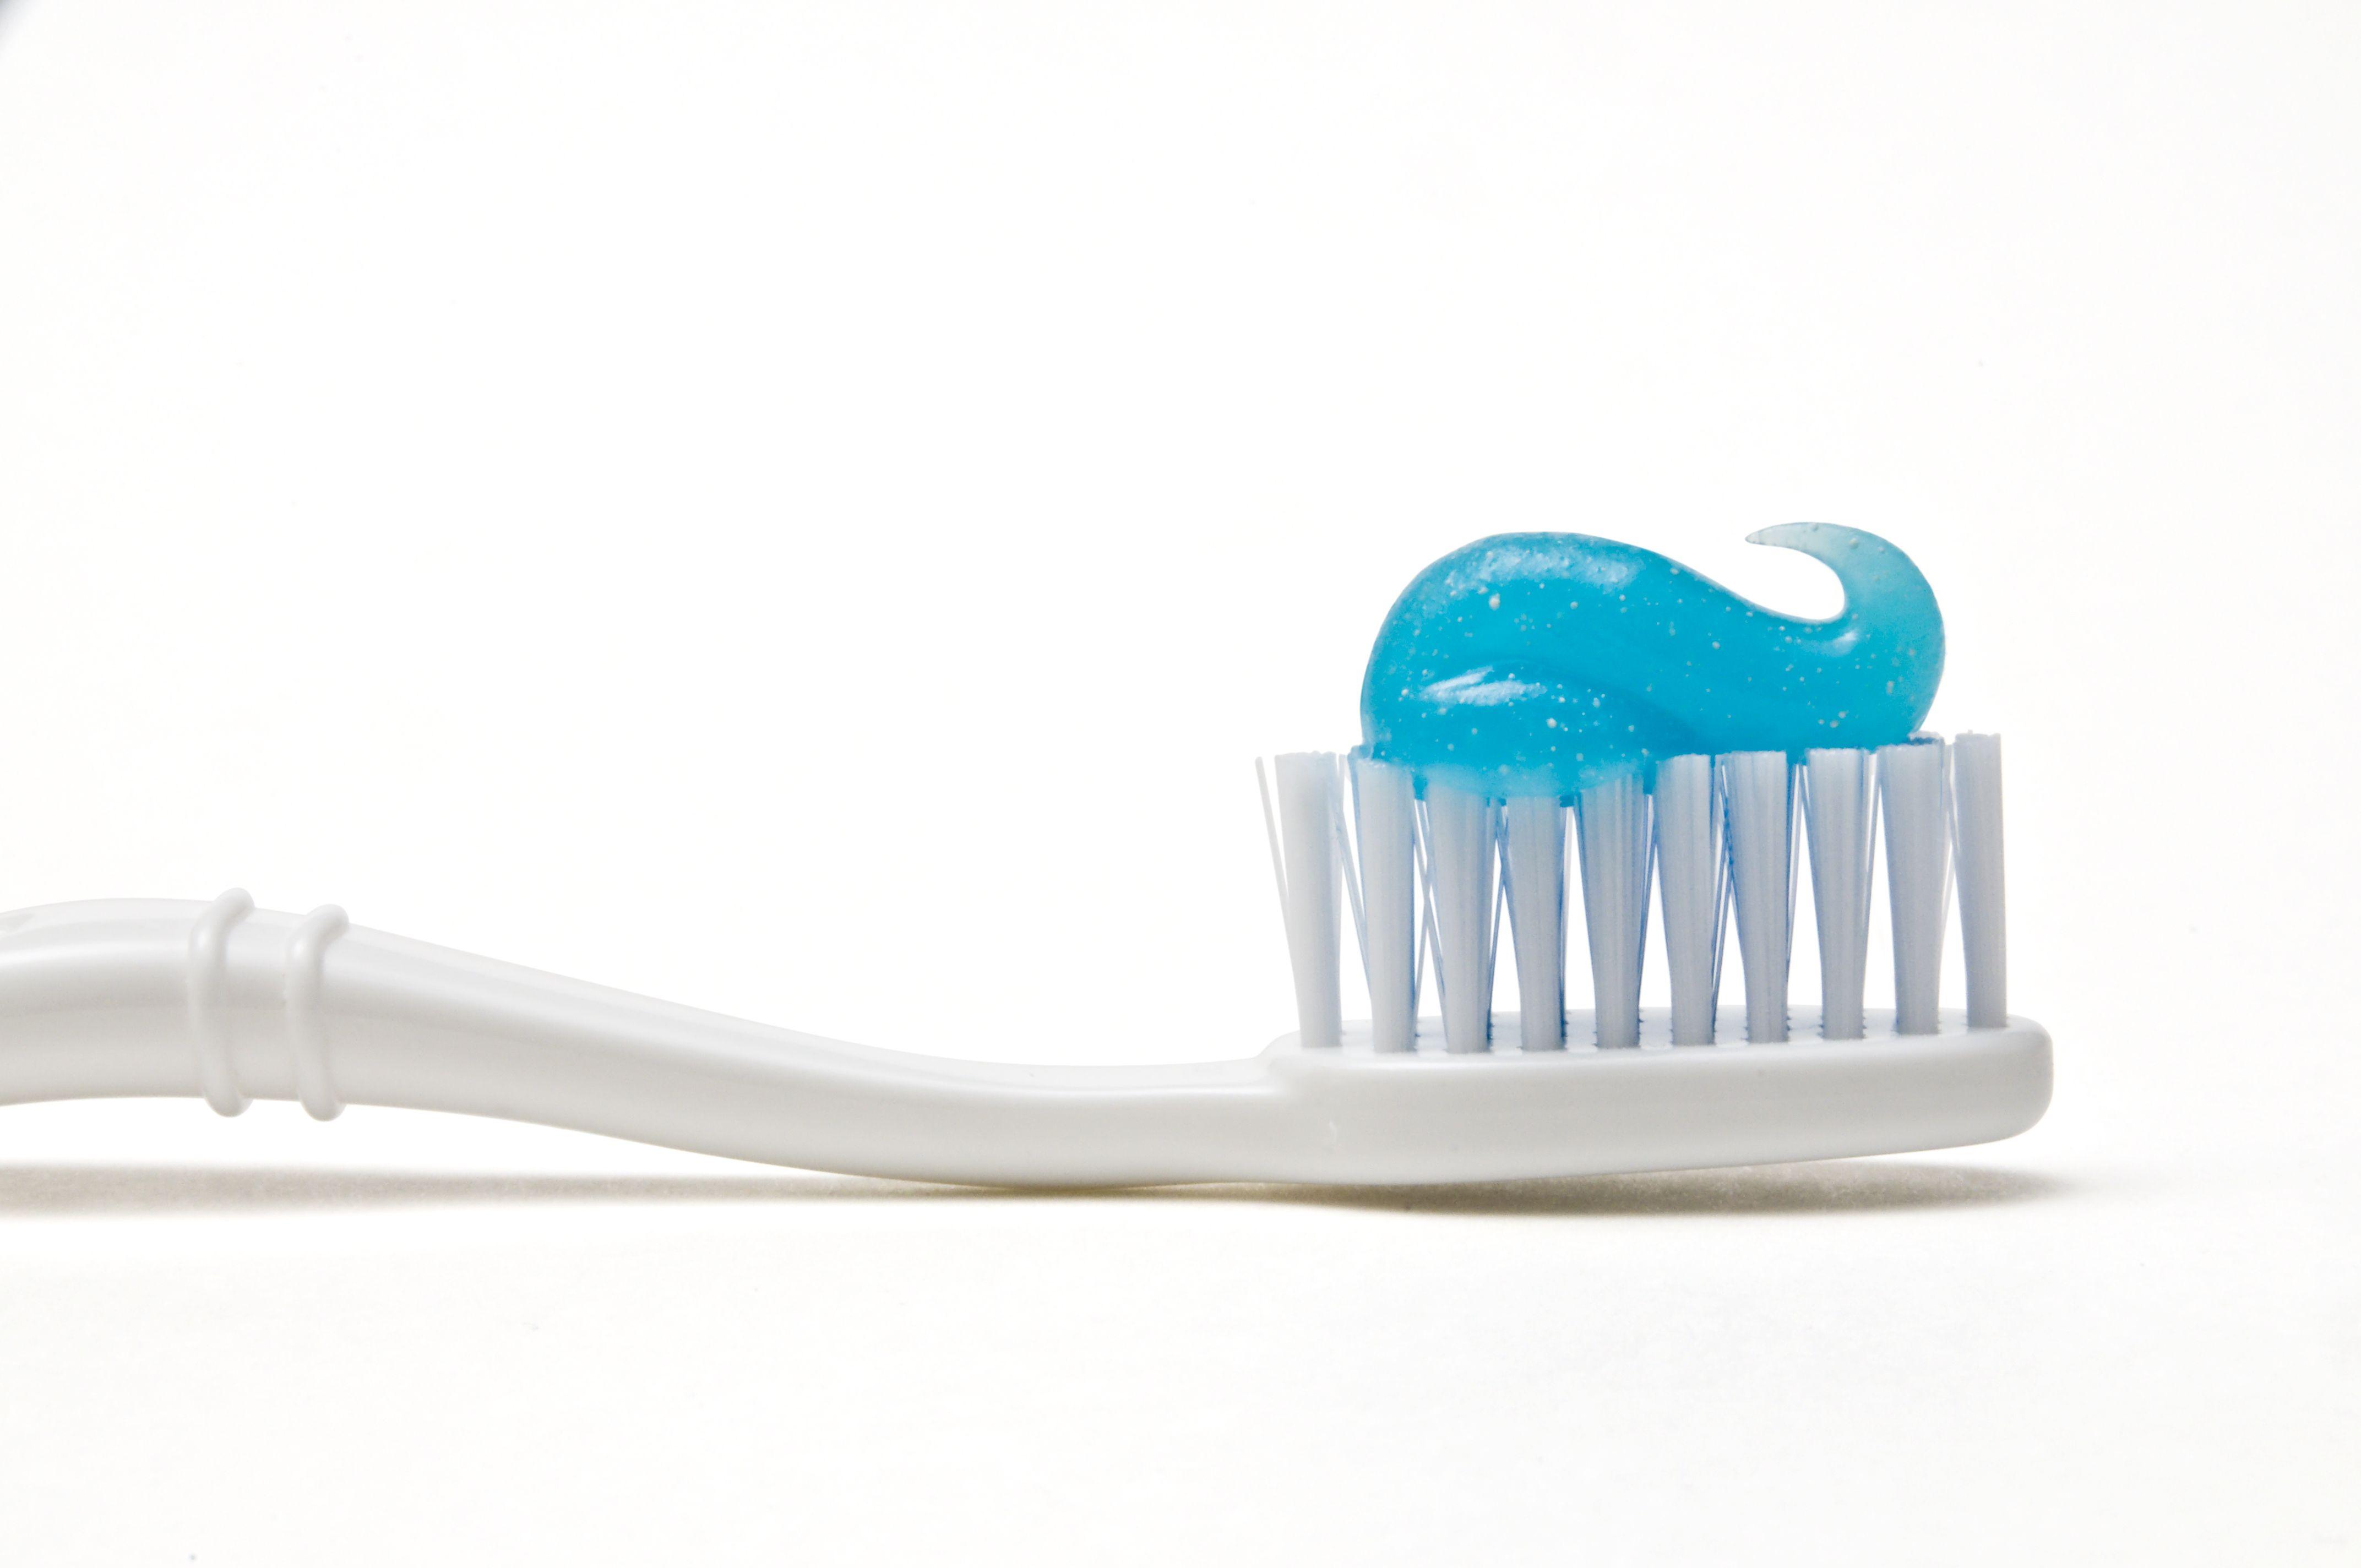 Higiene: Productos de Farmacia Susana Llaudes Valera